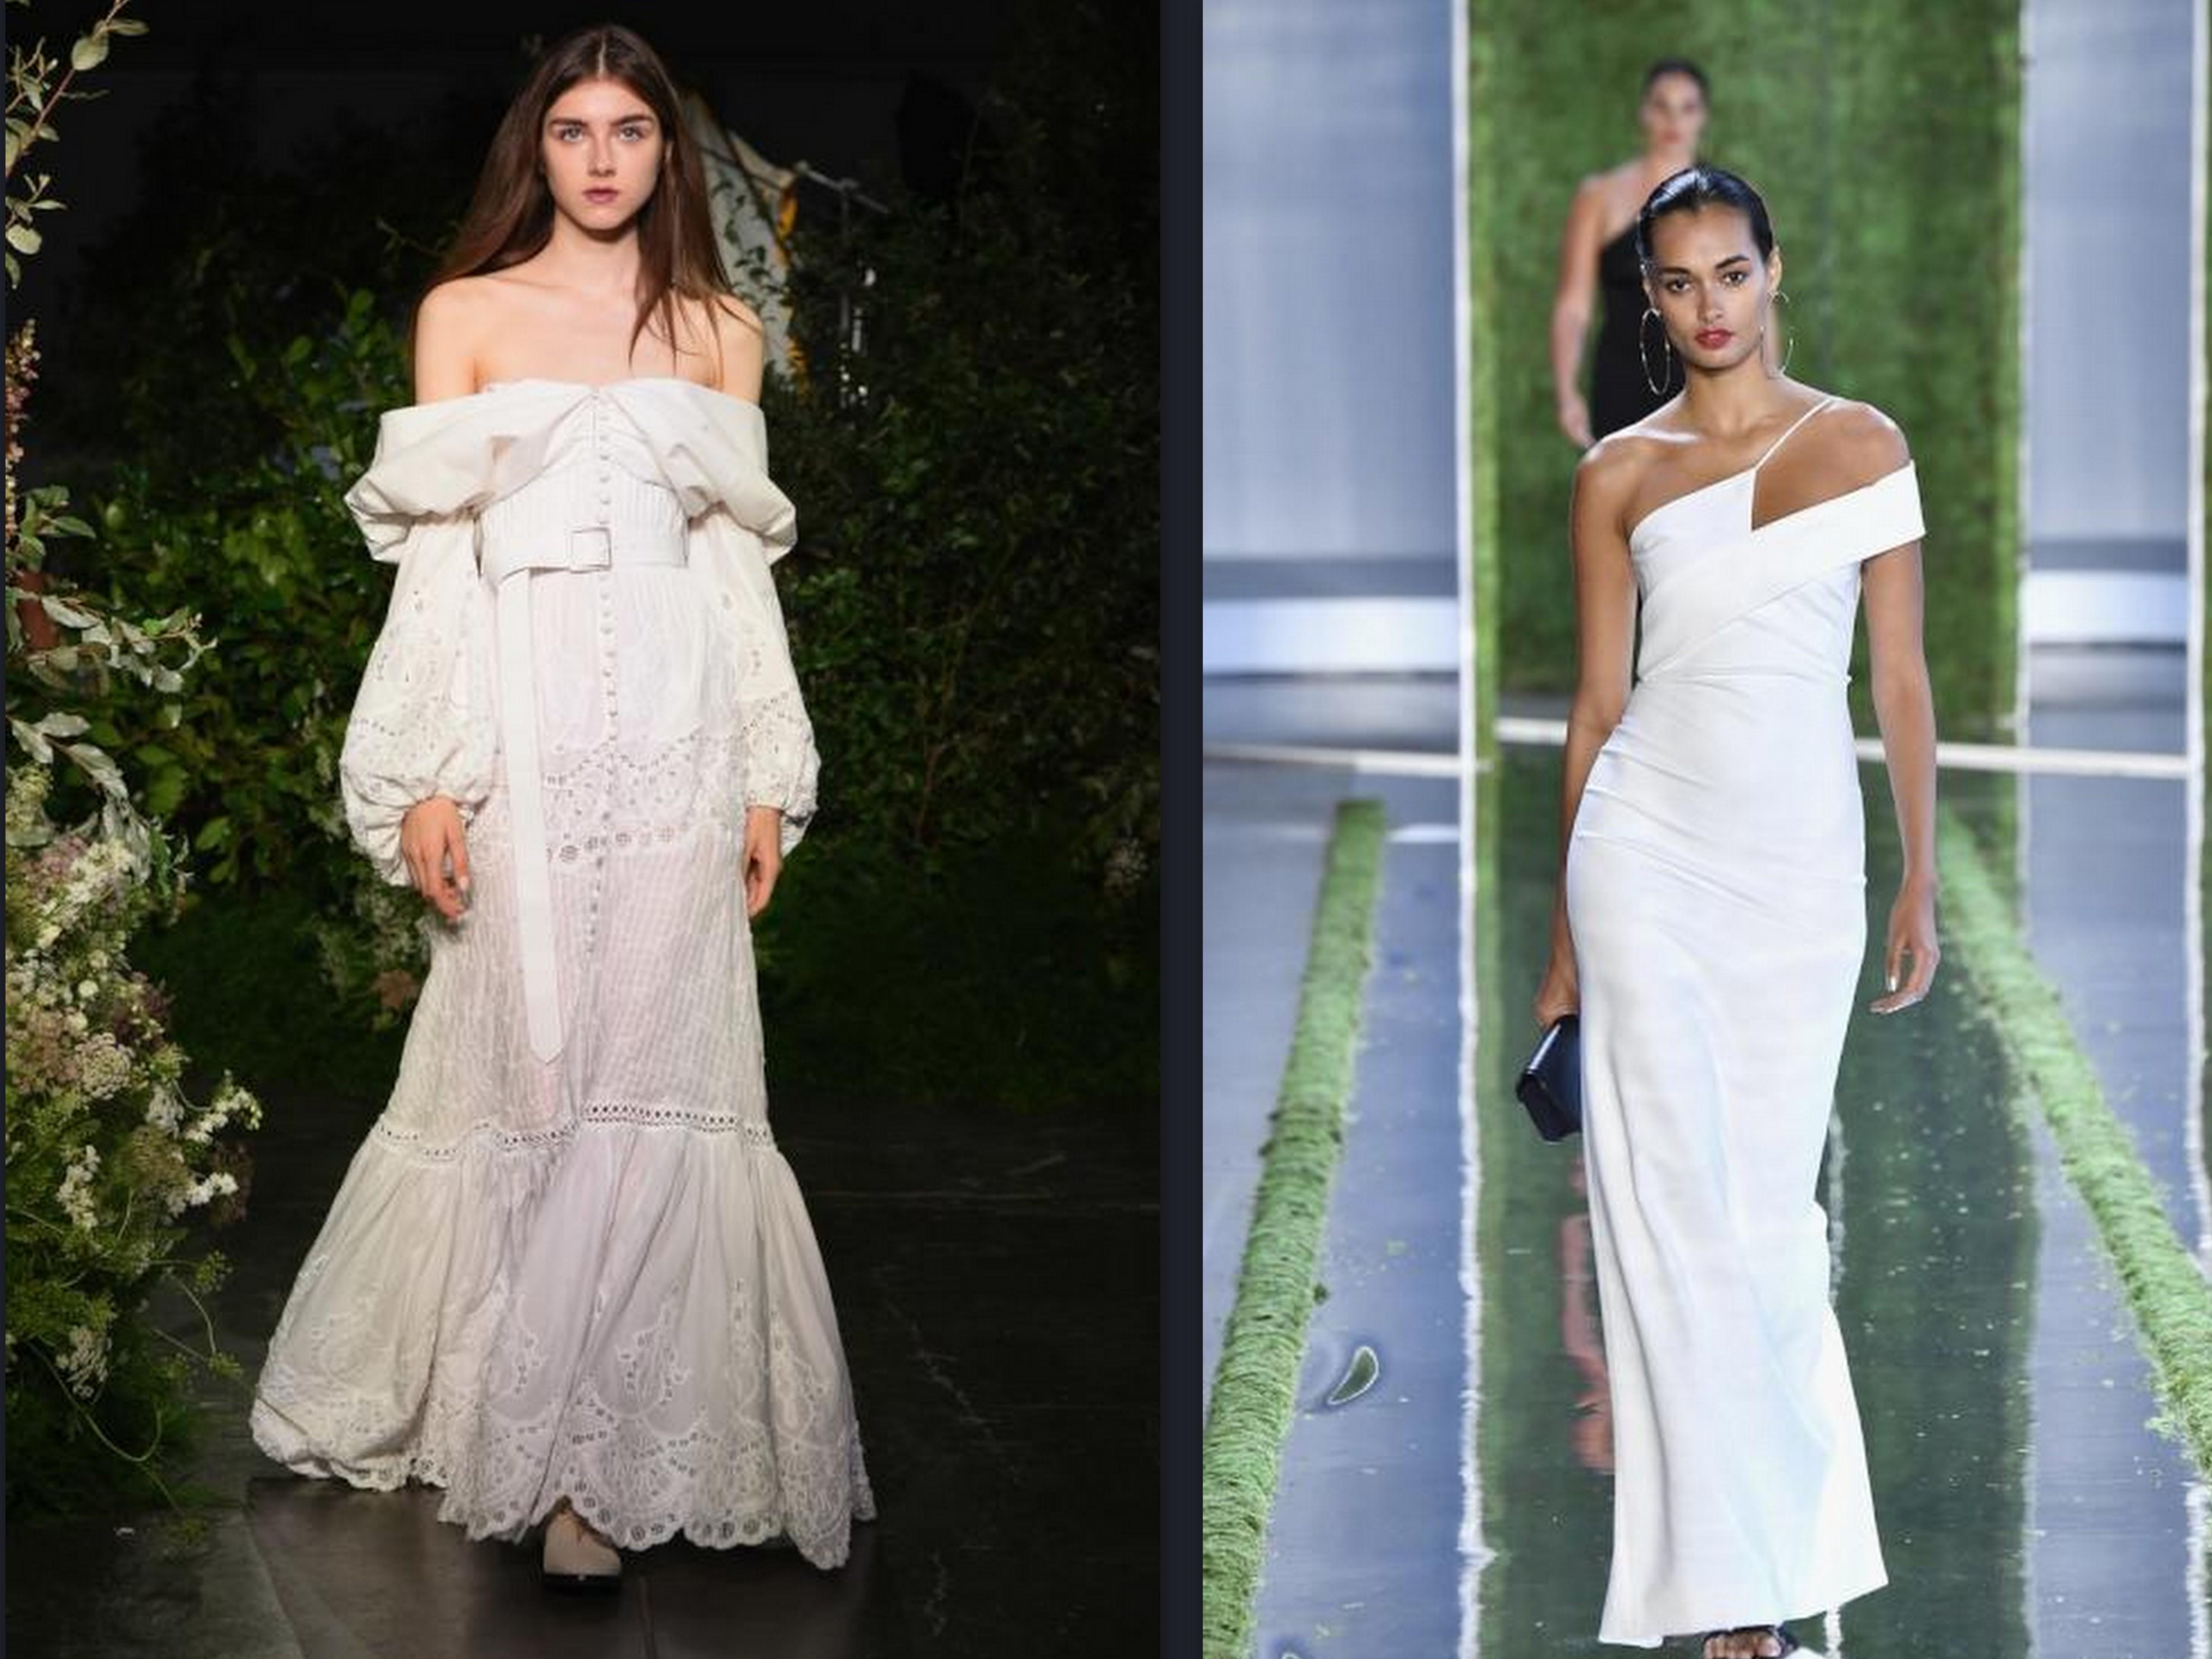 ea4a1ed96 من أسبوع الموضة بنيويورك 2019، استلهمي تصميمًا مميزًا وناعمًا لفستان زفافكِ  أو حفل كتب الكتاب؛ حيث قدّمت العديد من الماركات فساتين باللون الأبيض،  اتّسمت ...